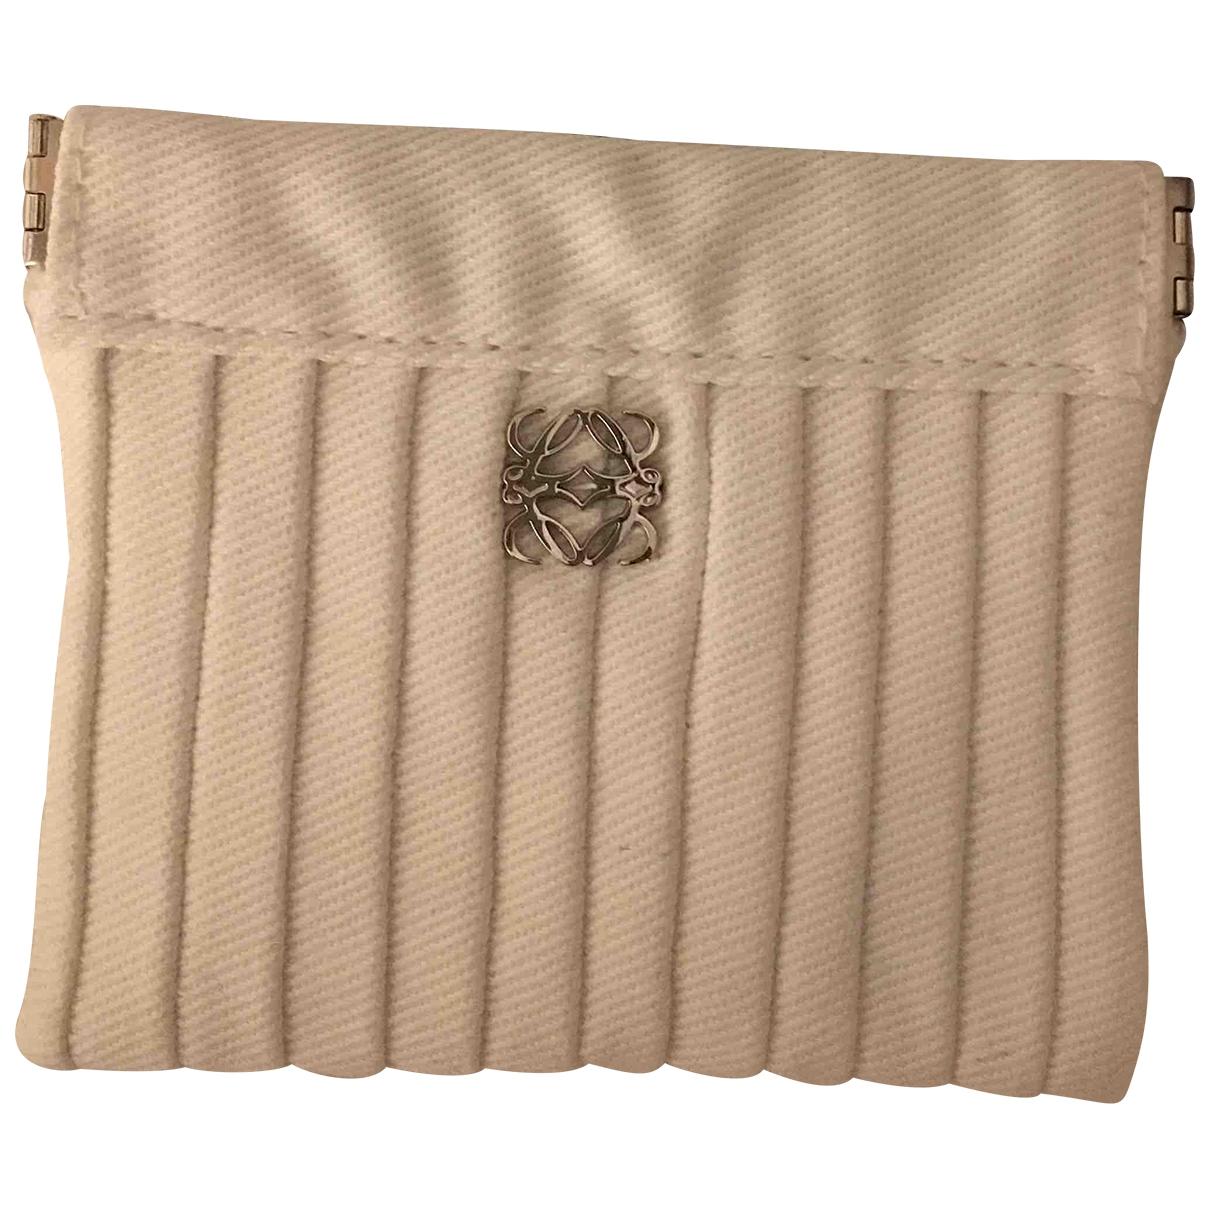 Loewe - Petite maroquinerie   pour femme en coton - blanc